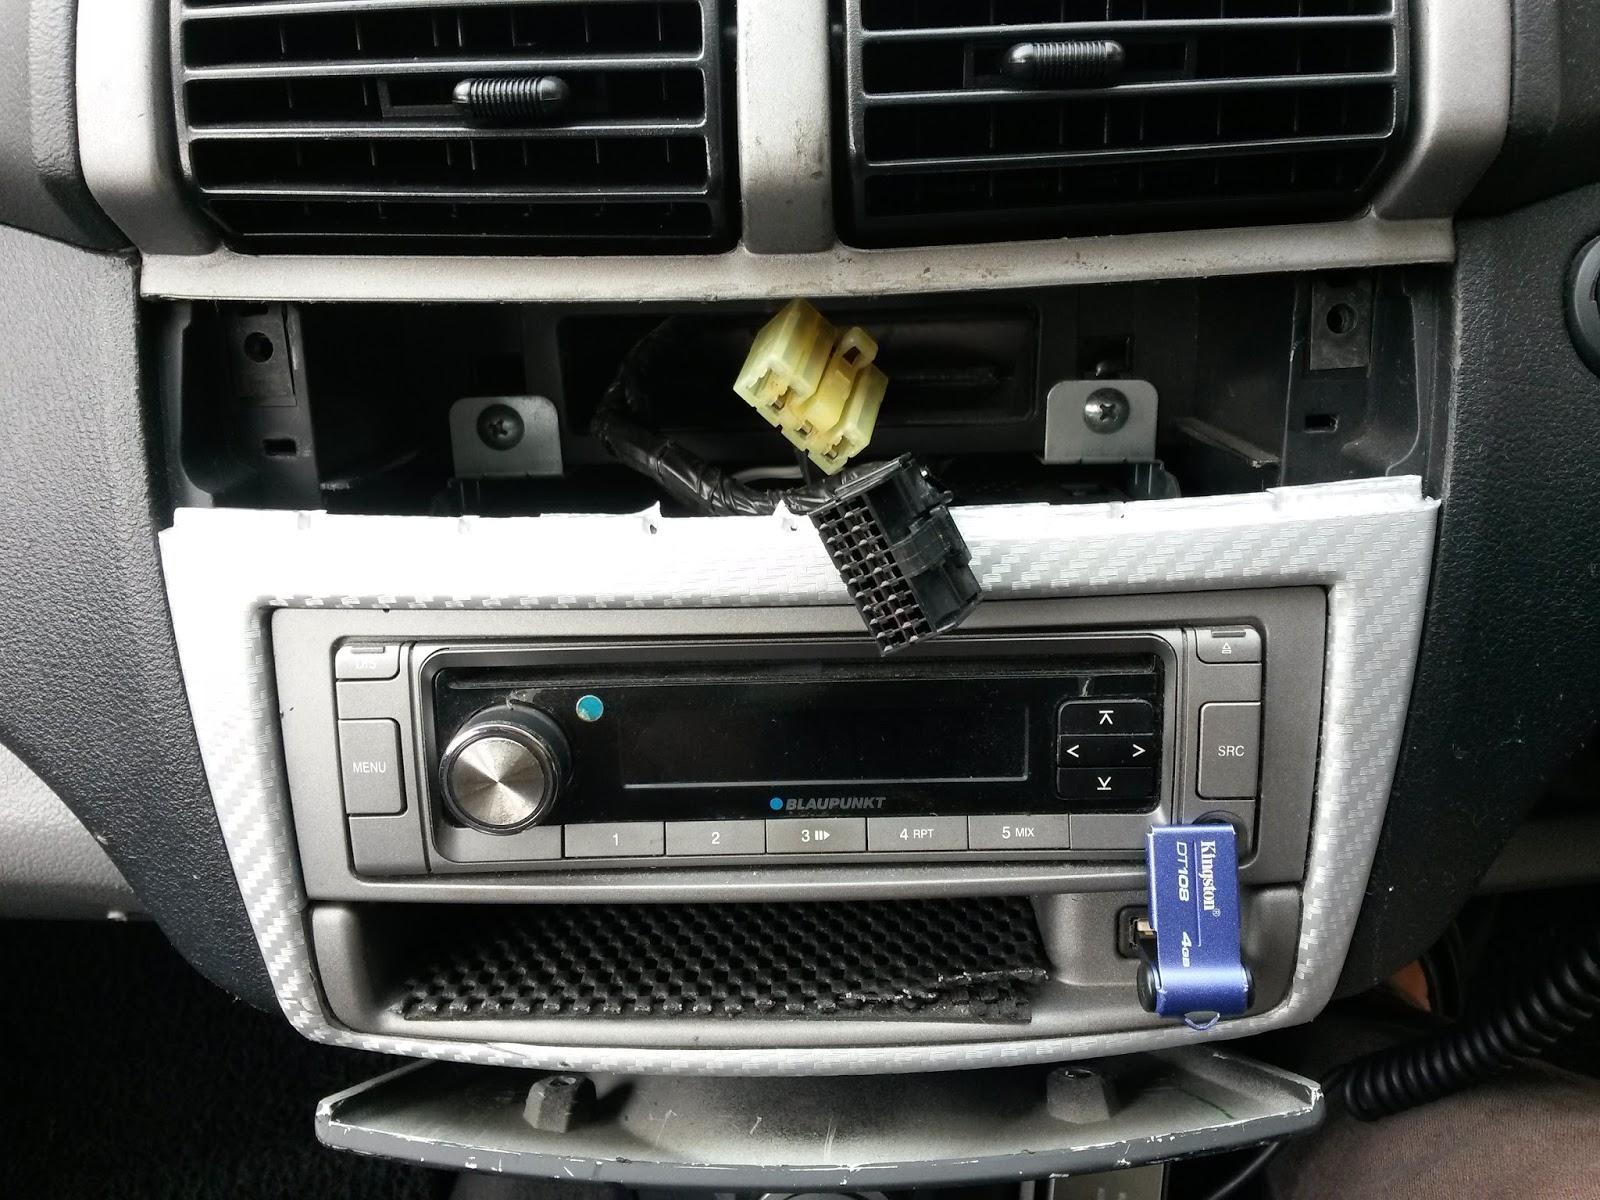 Diy Steering Audio Control Proton Persona